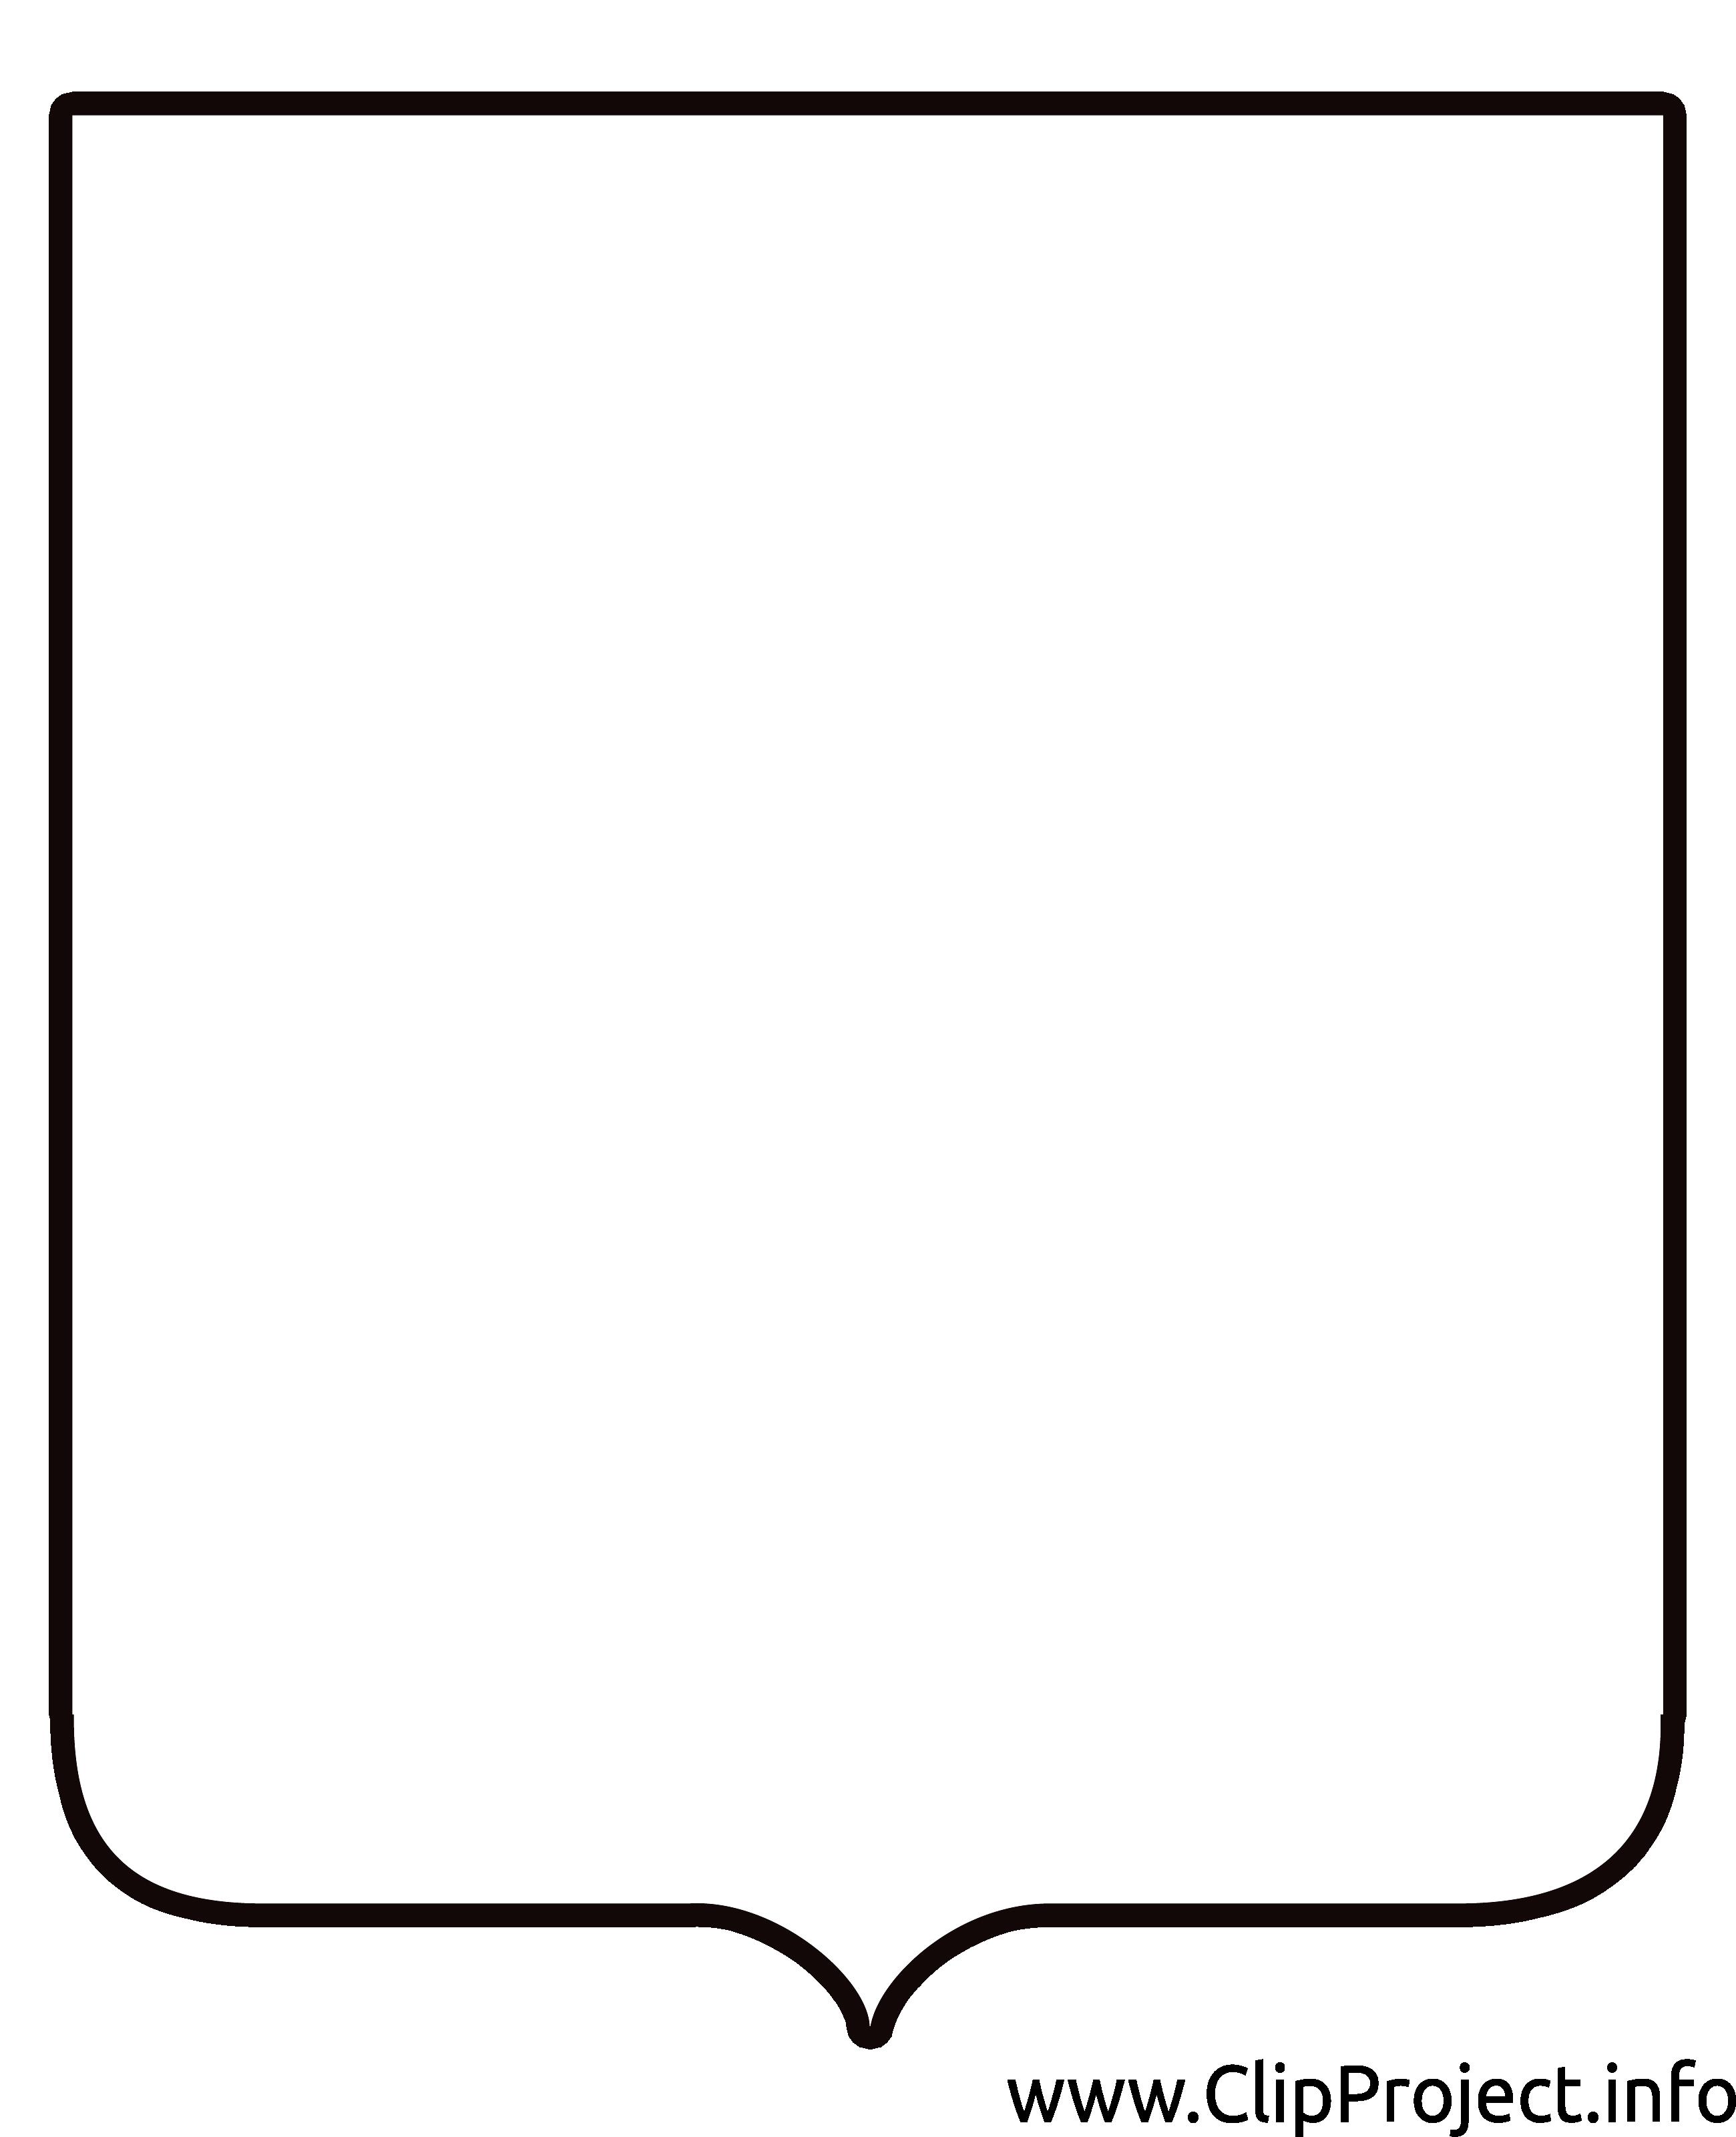 Modèle clip art gratuit – Logo images